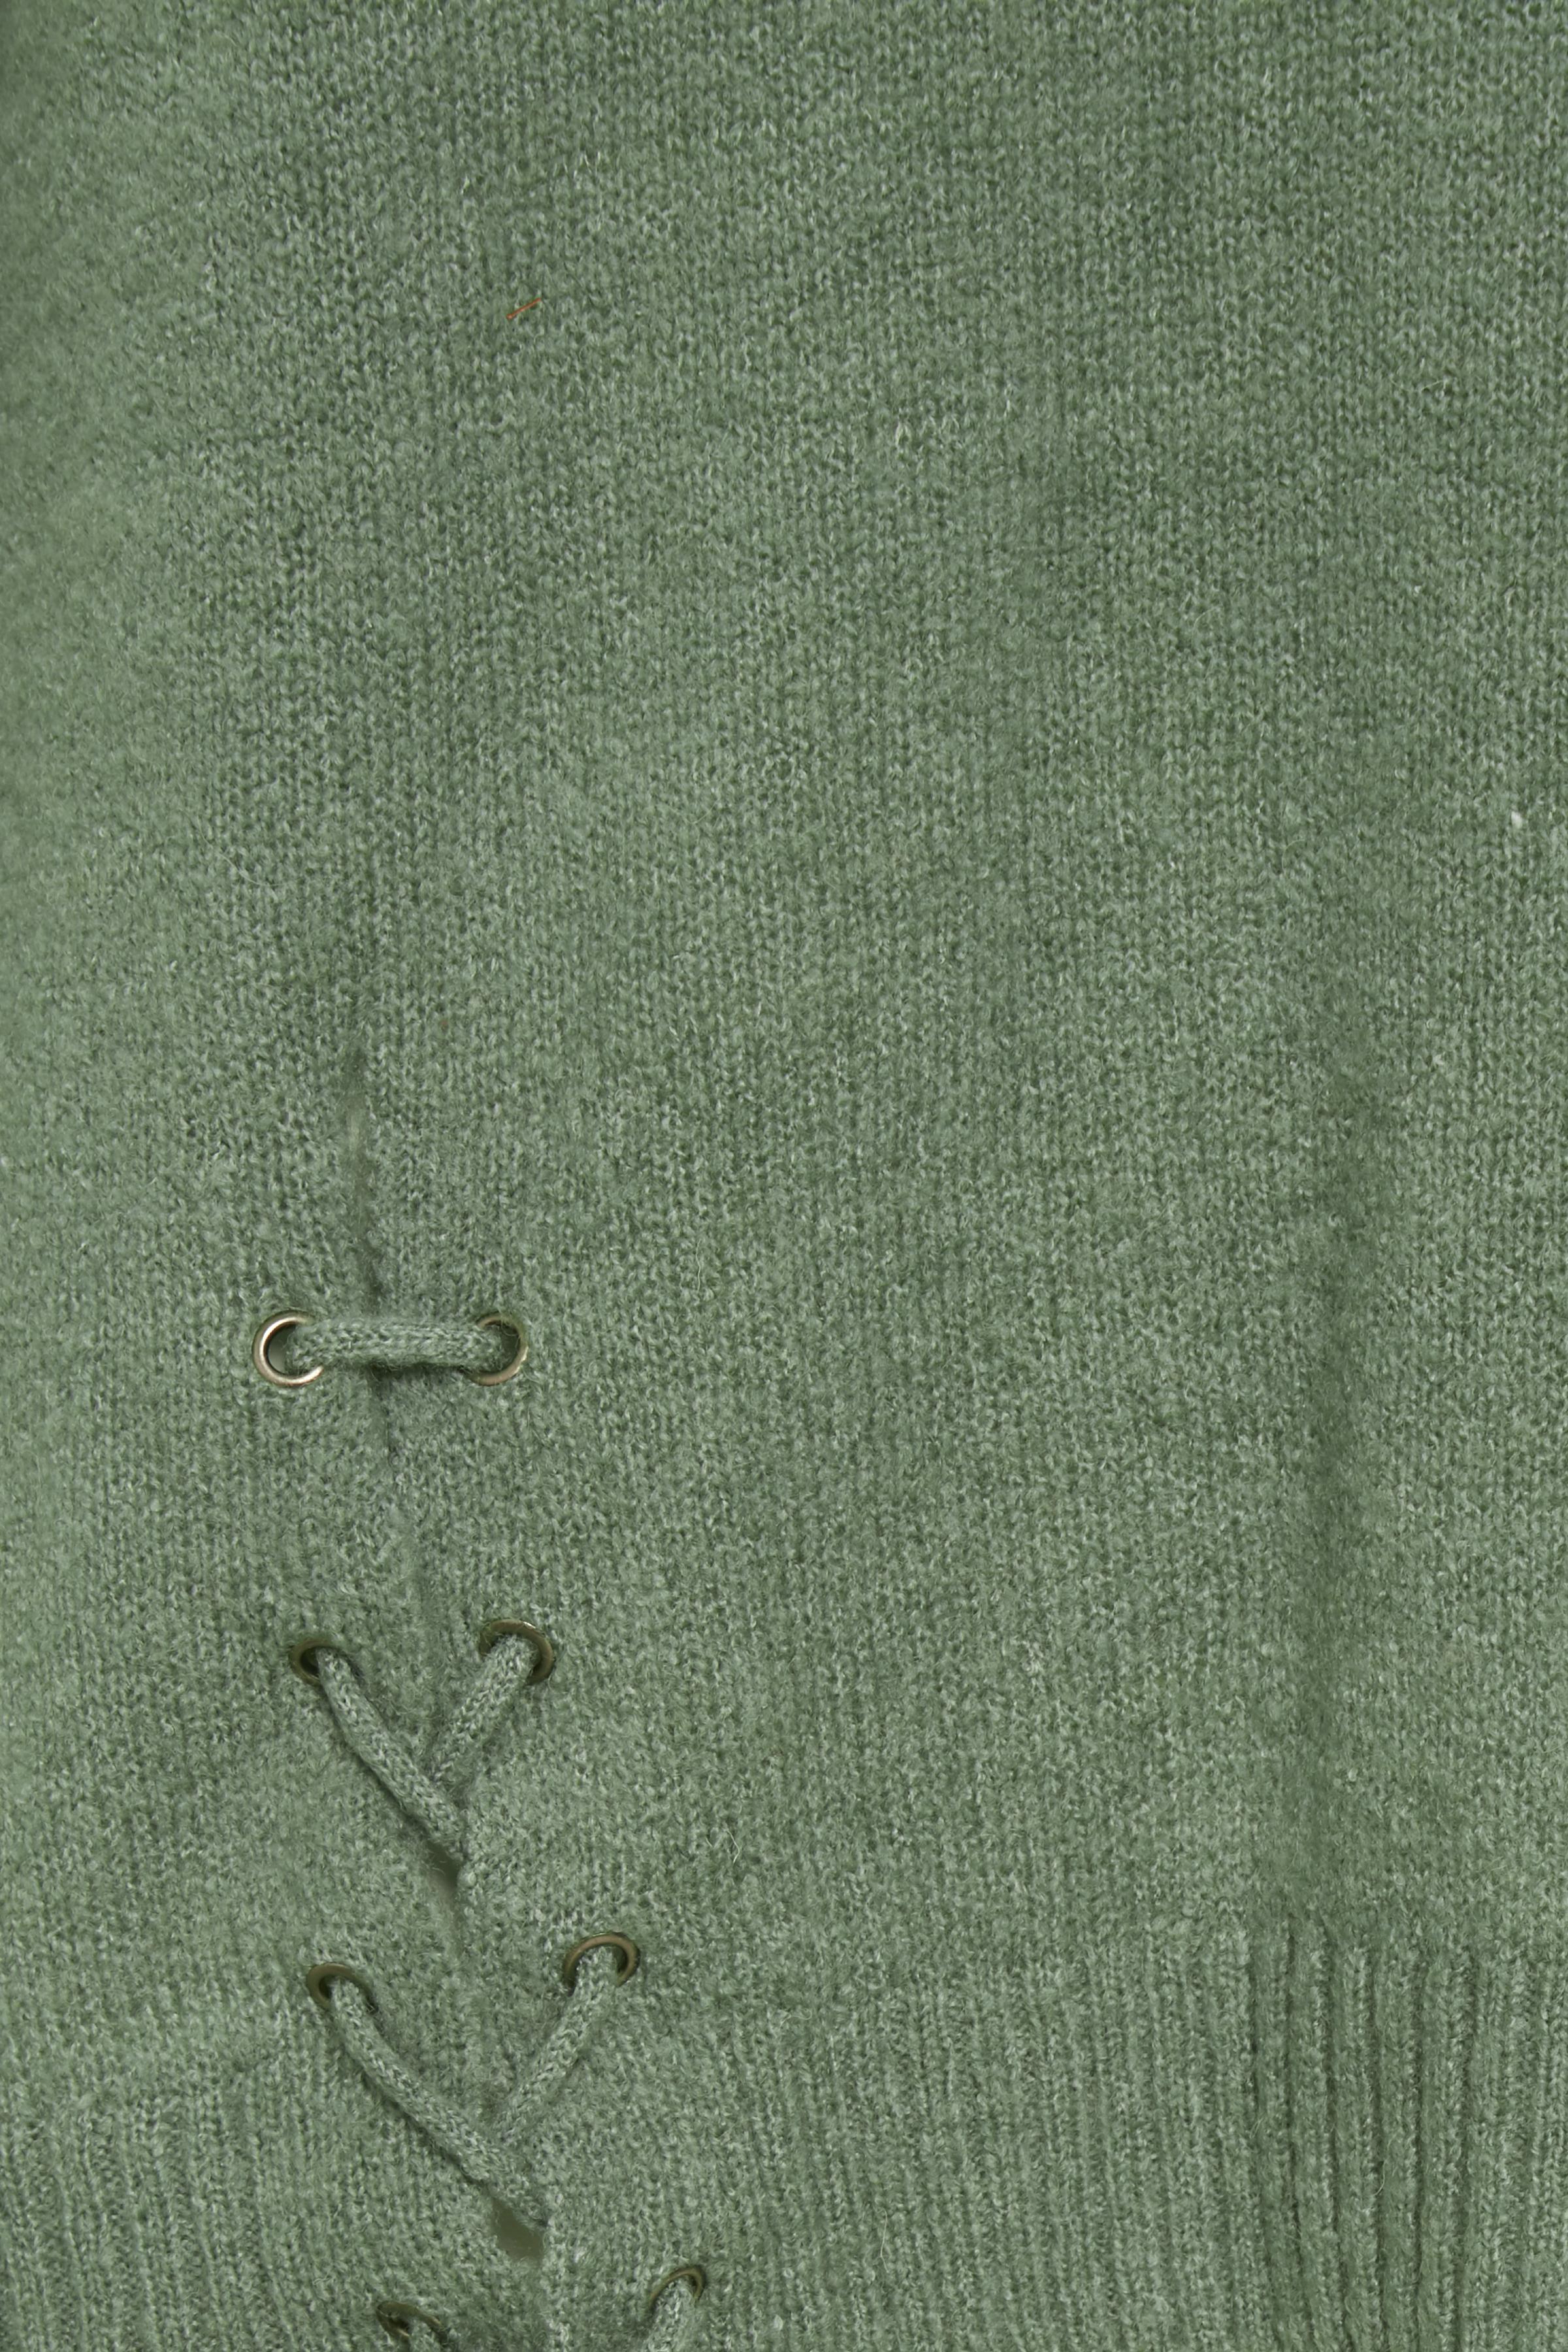 Lichtopaal Gebreide pullover van Bon'A Parte – Door Lichtopaal Gebreide pullover van maat. S-2XL hier